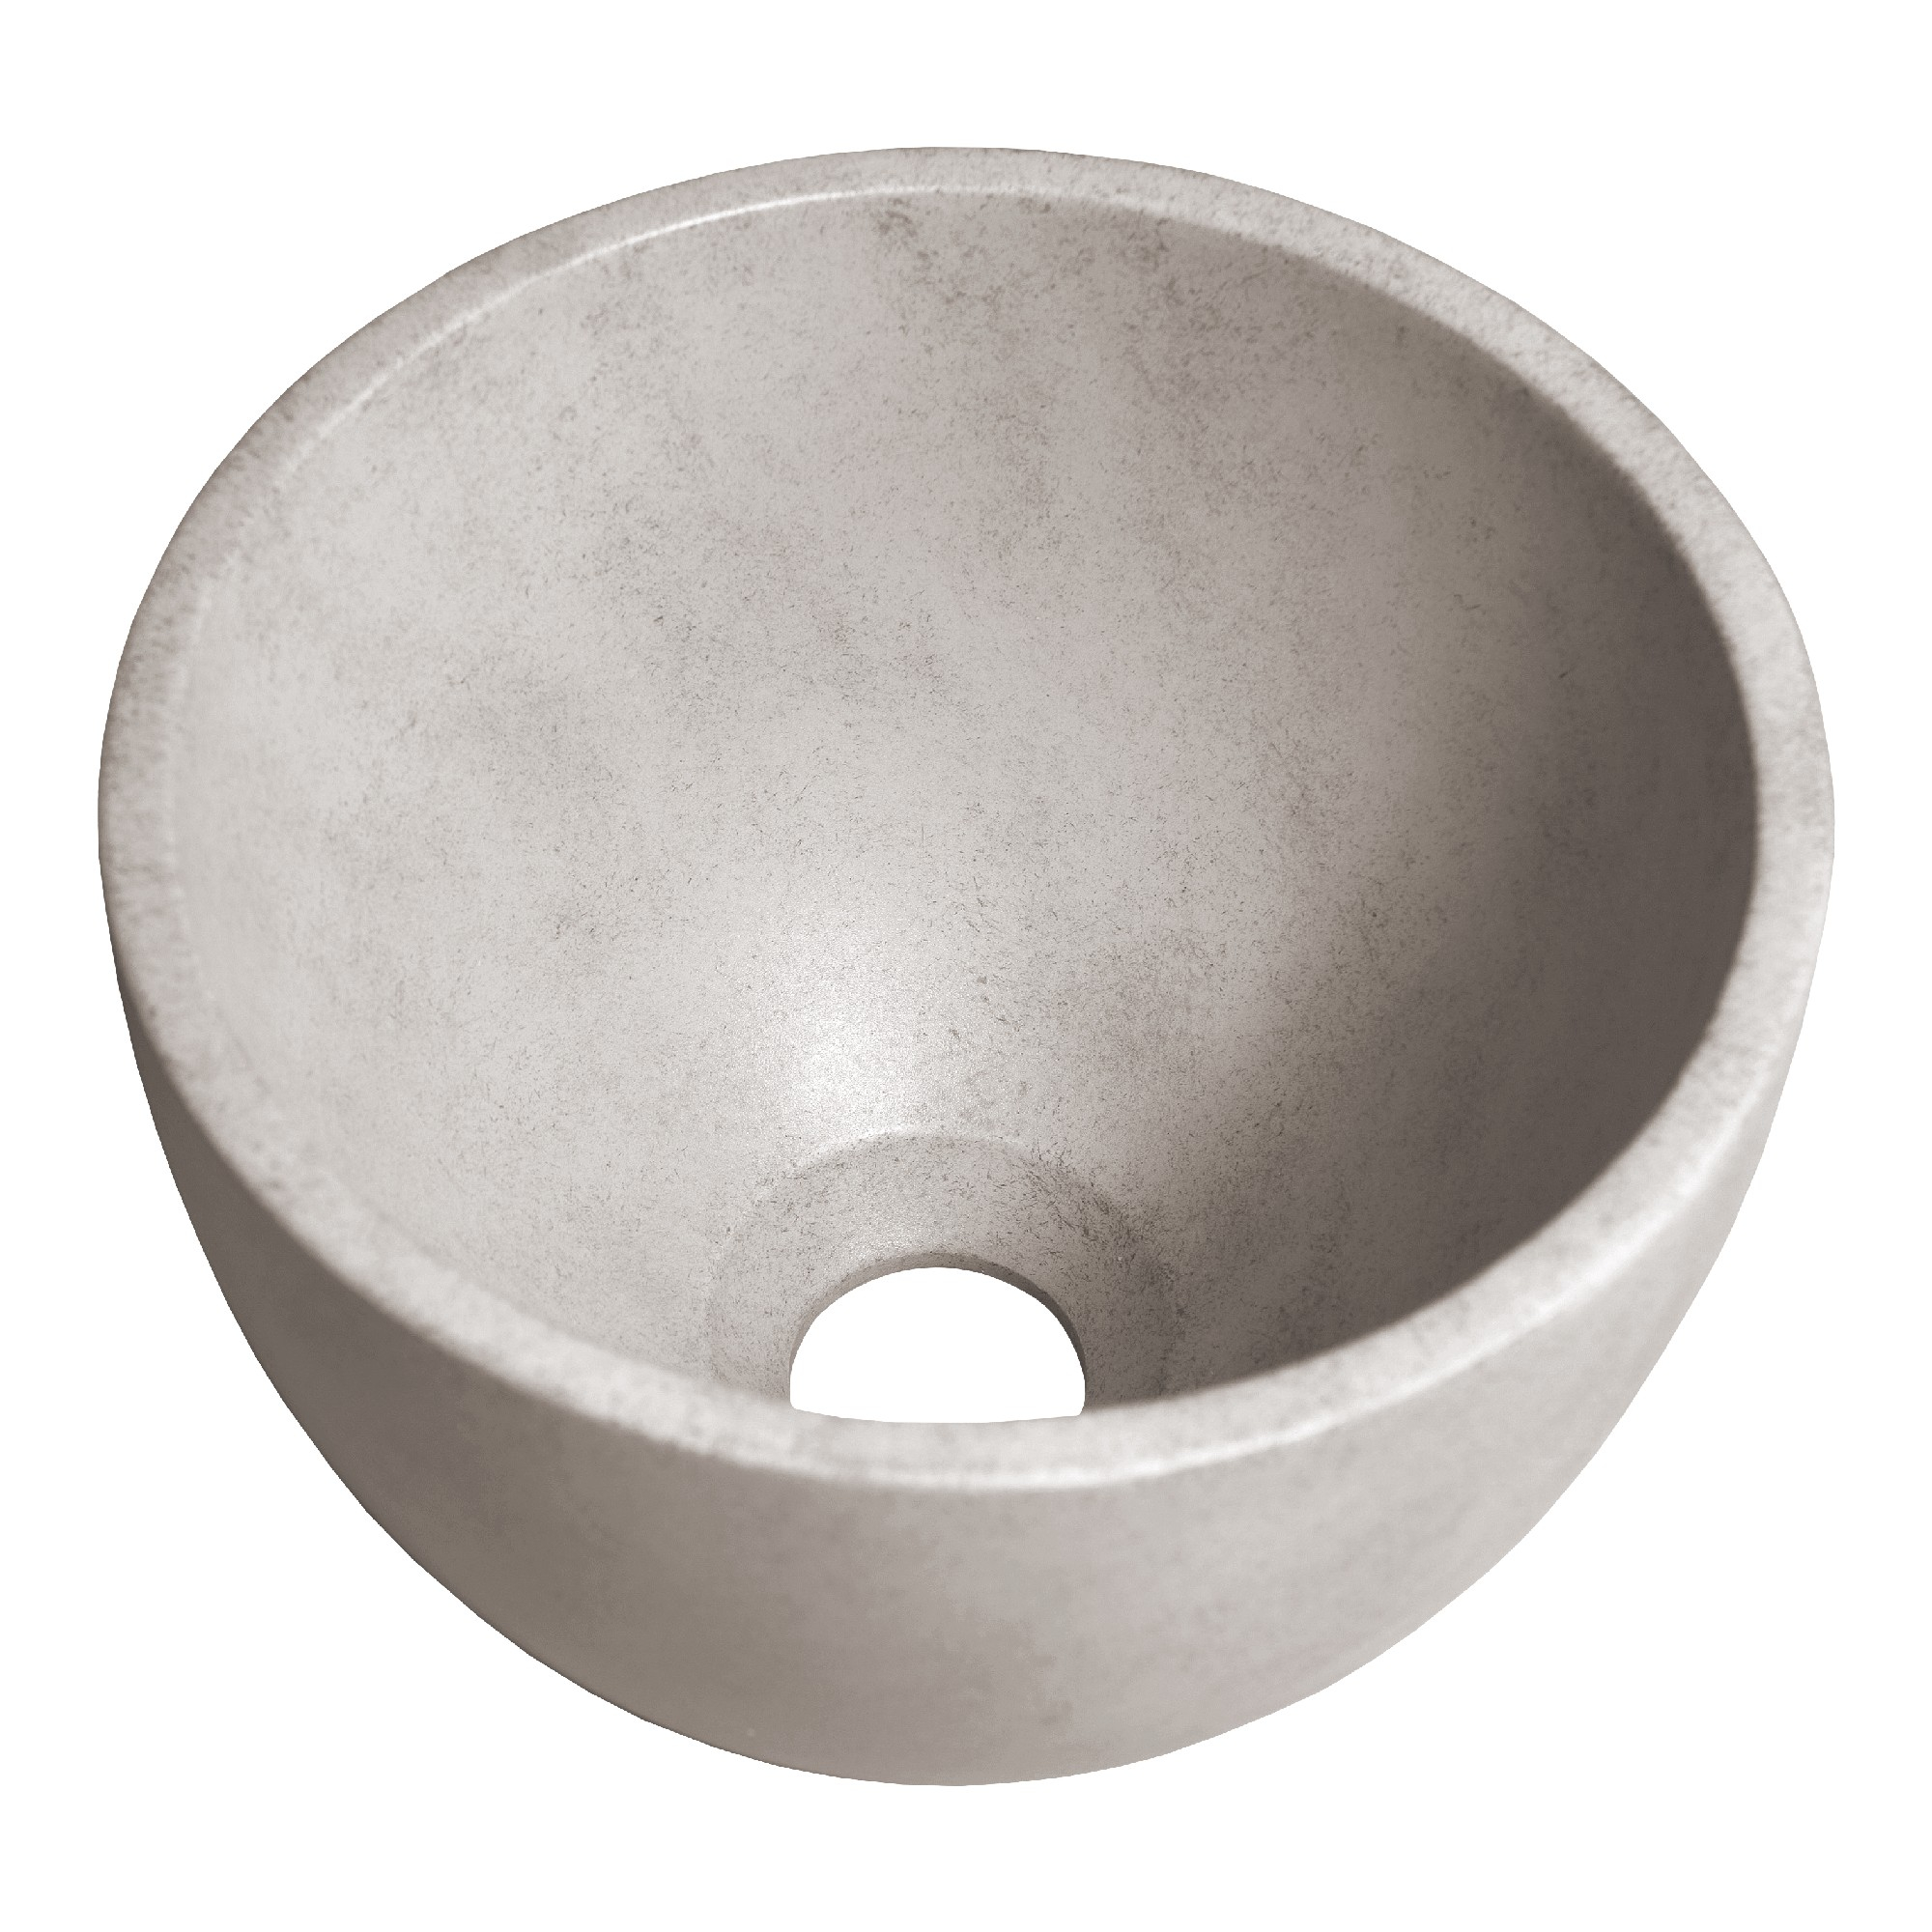 Sanituba Concrete kleine waskom beton 22.5x15.5 centimeter